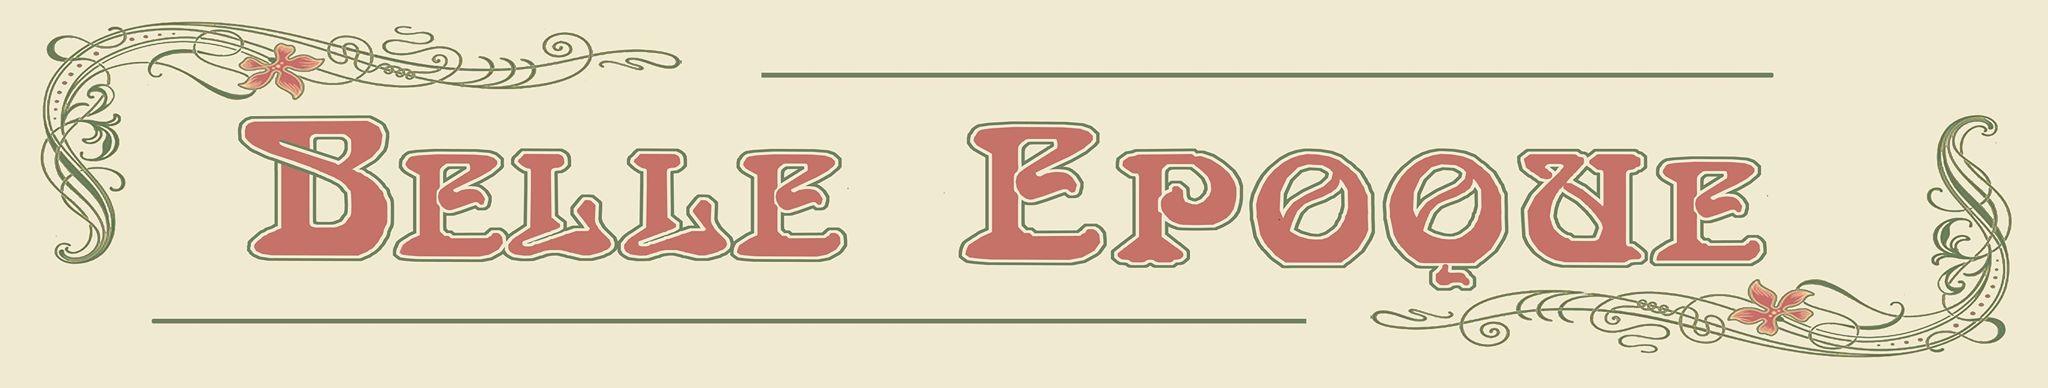 """Alghero dal 19 marzo al 3 aprile 2016 Belle Epoque via Columbano 31 """"Devozione Privata - Private Devotion"""" mostra di oggetti devozionali dal XVIII al XX secolo a cura di Alessandro Ponzeletti storico dell'arte."""